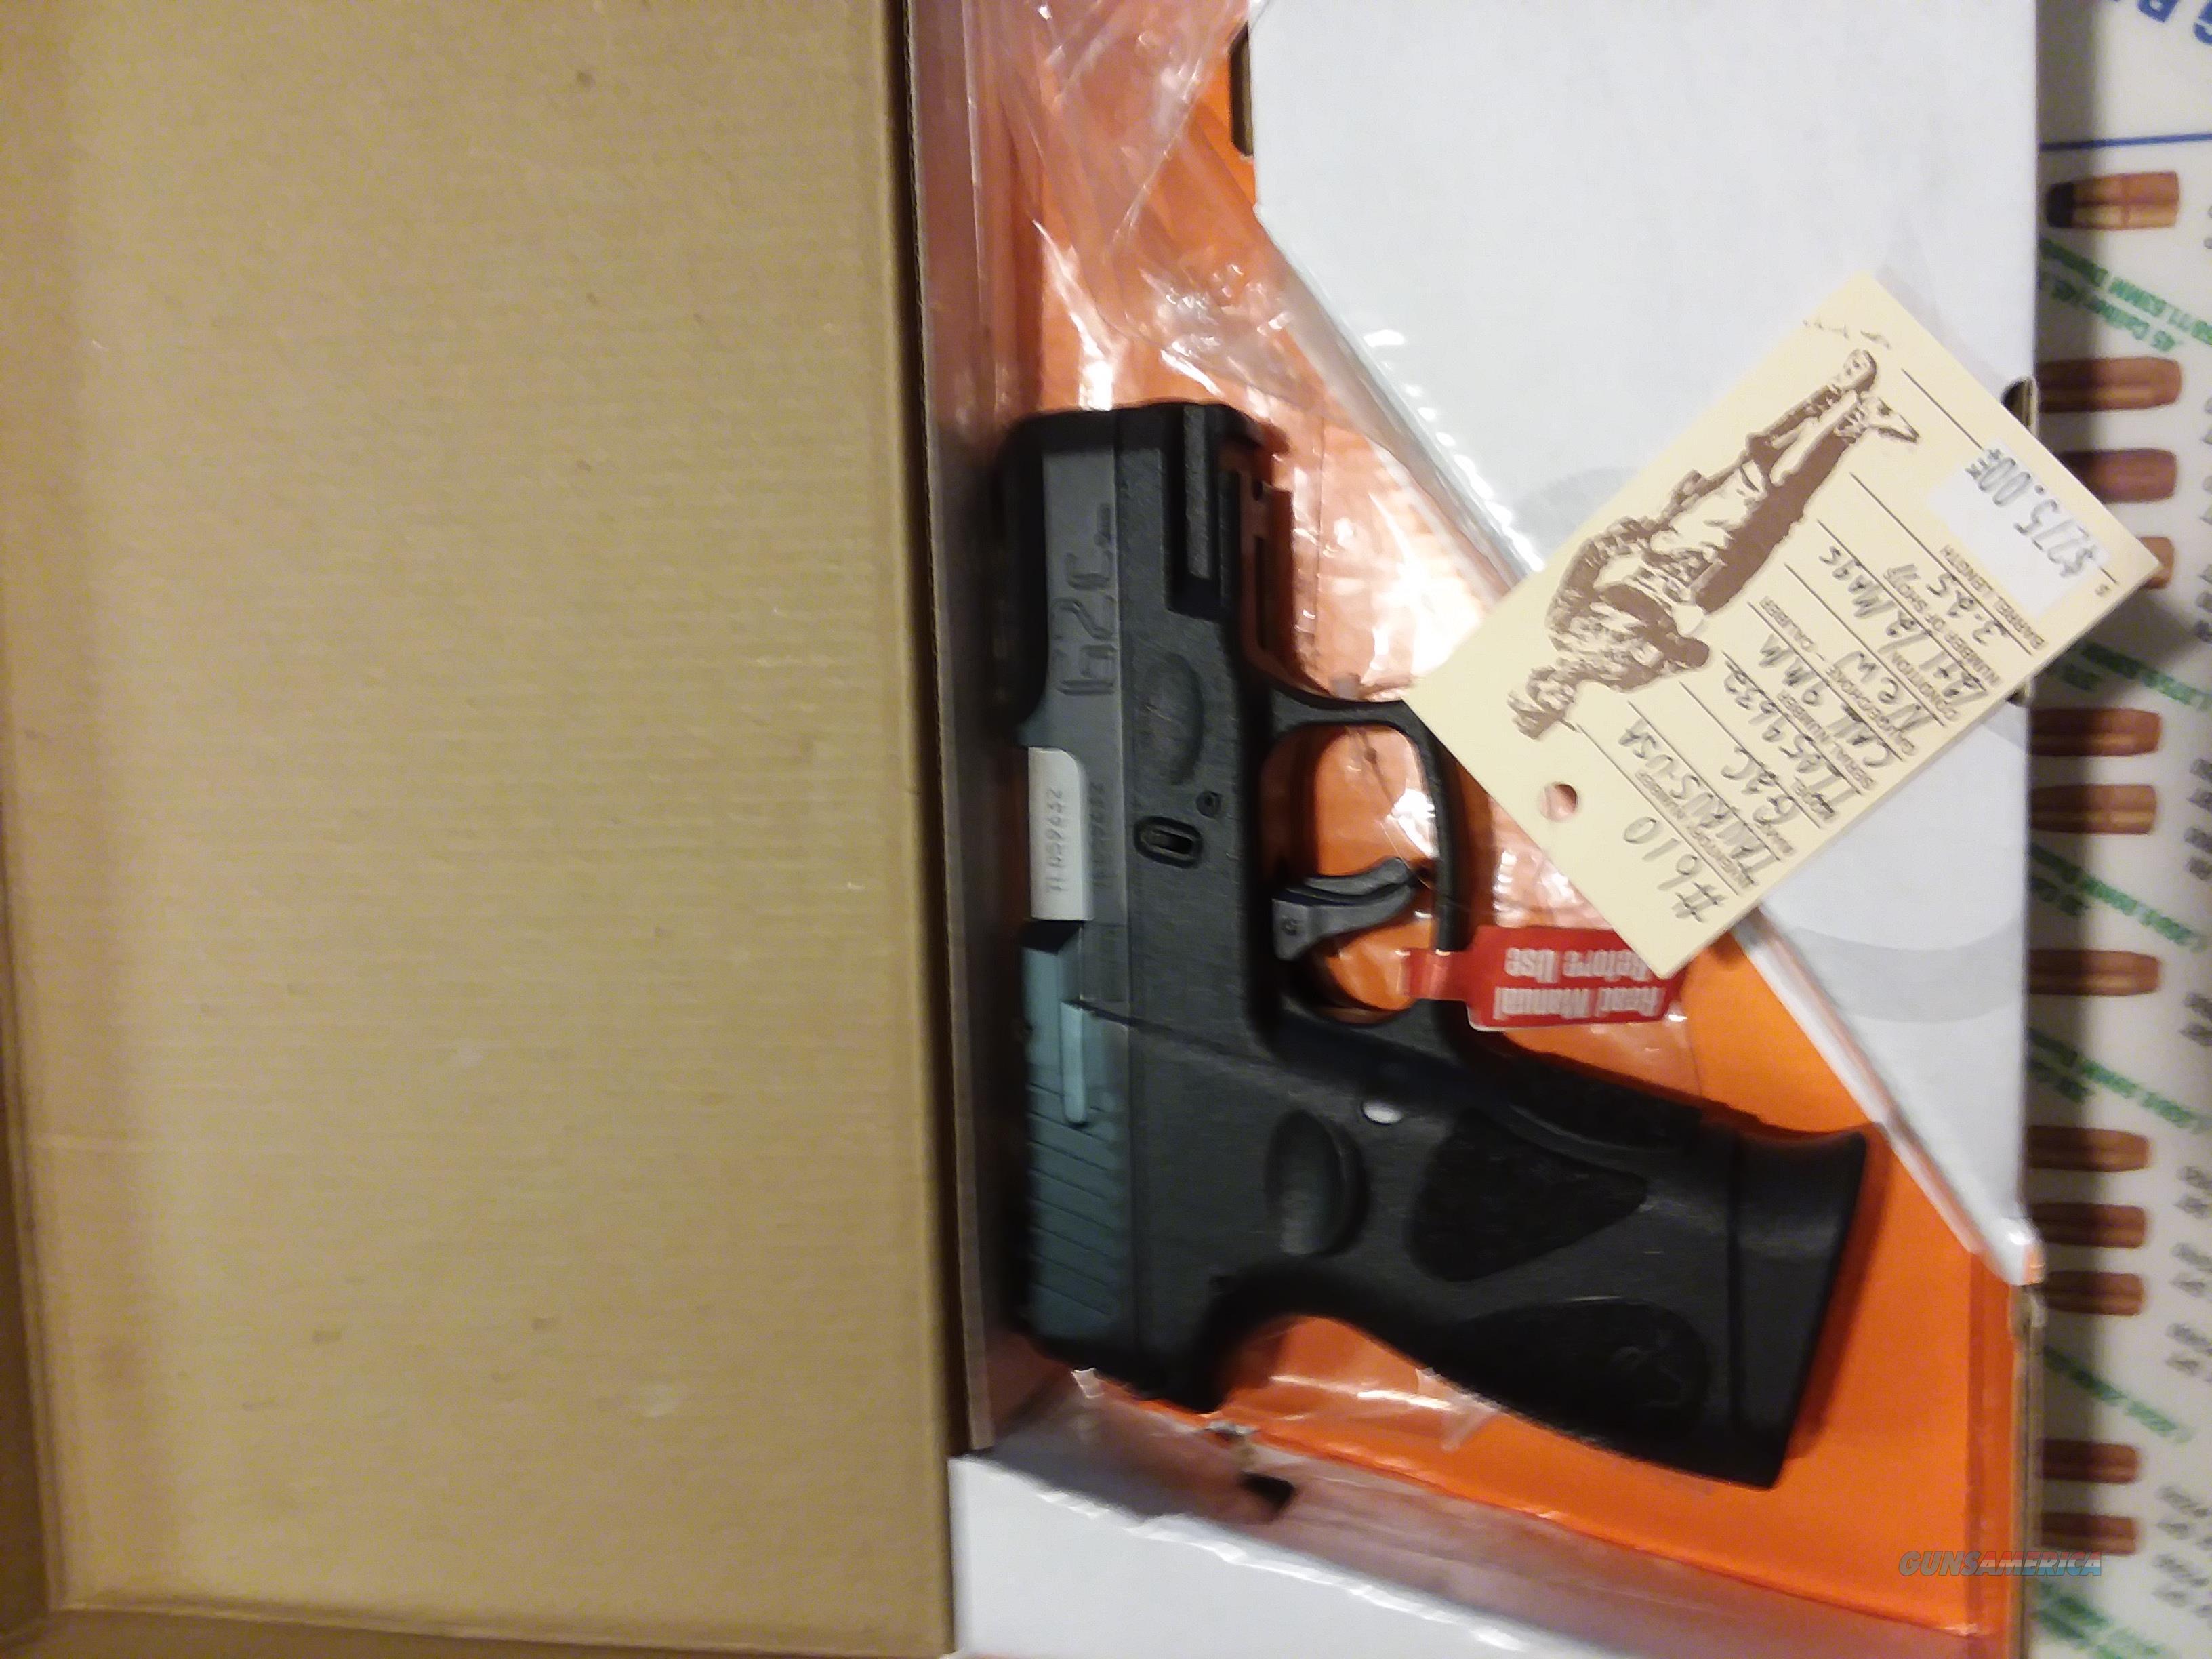 """TAURUS G2C931 9MM 3.26"""" Barrel BK/BK NIB, New FOR This YEAR   Guns > Pistols > Taurus Pistols > Semi Auto Pistols > Polymer Frame"""